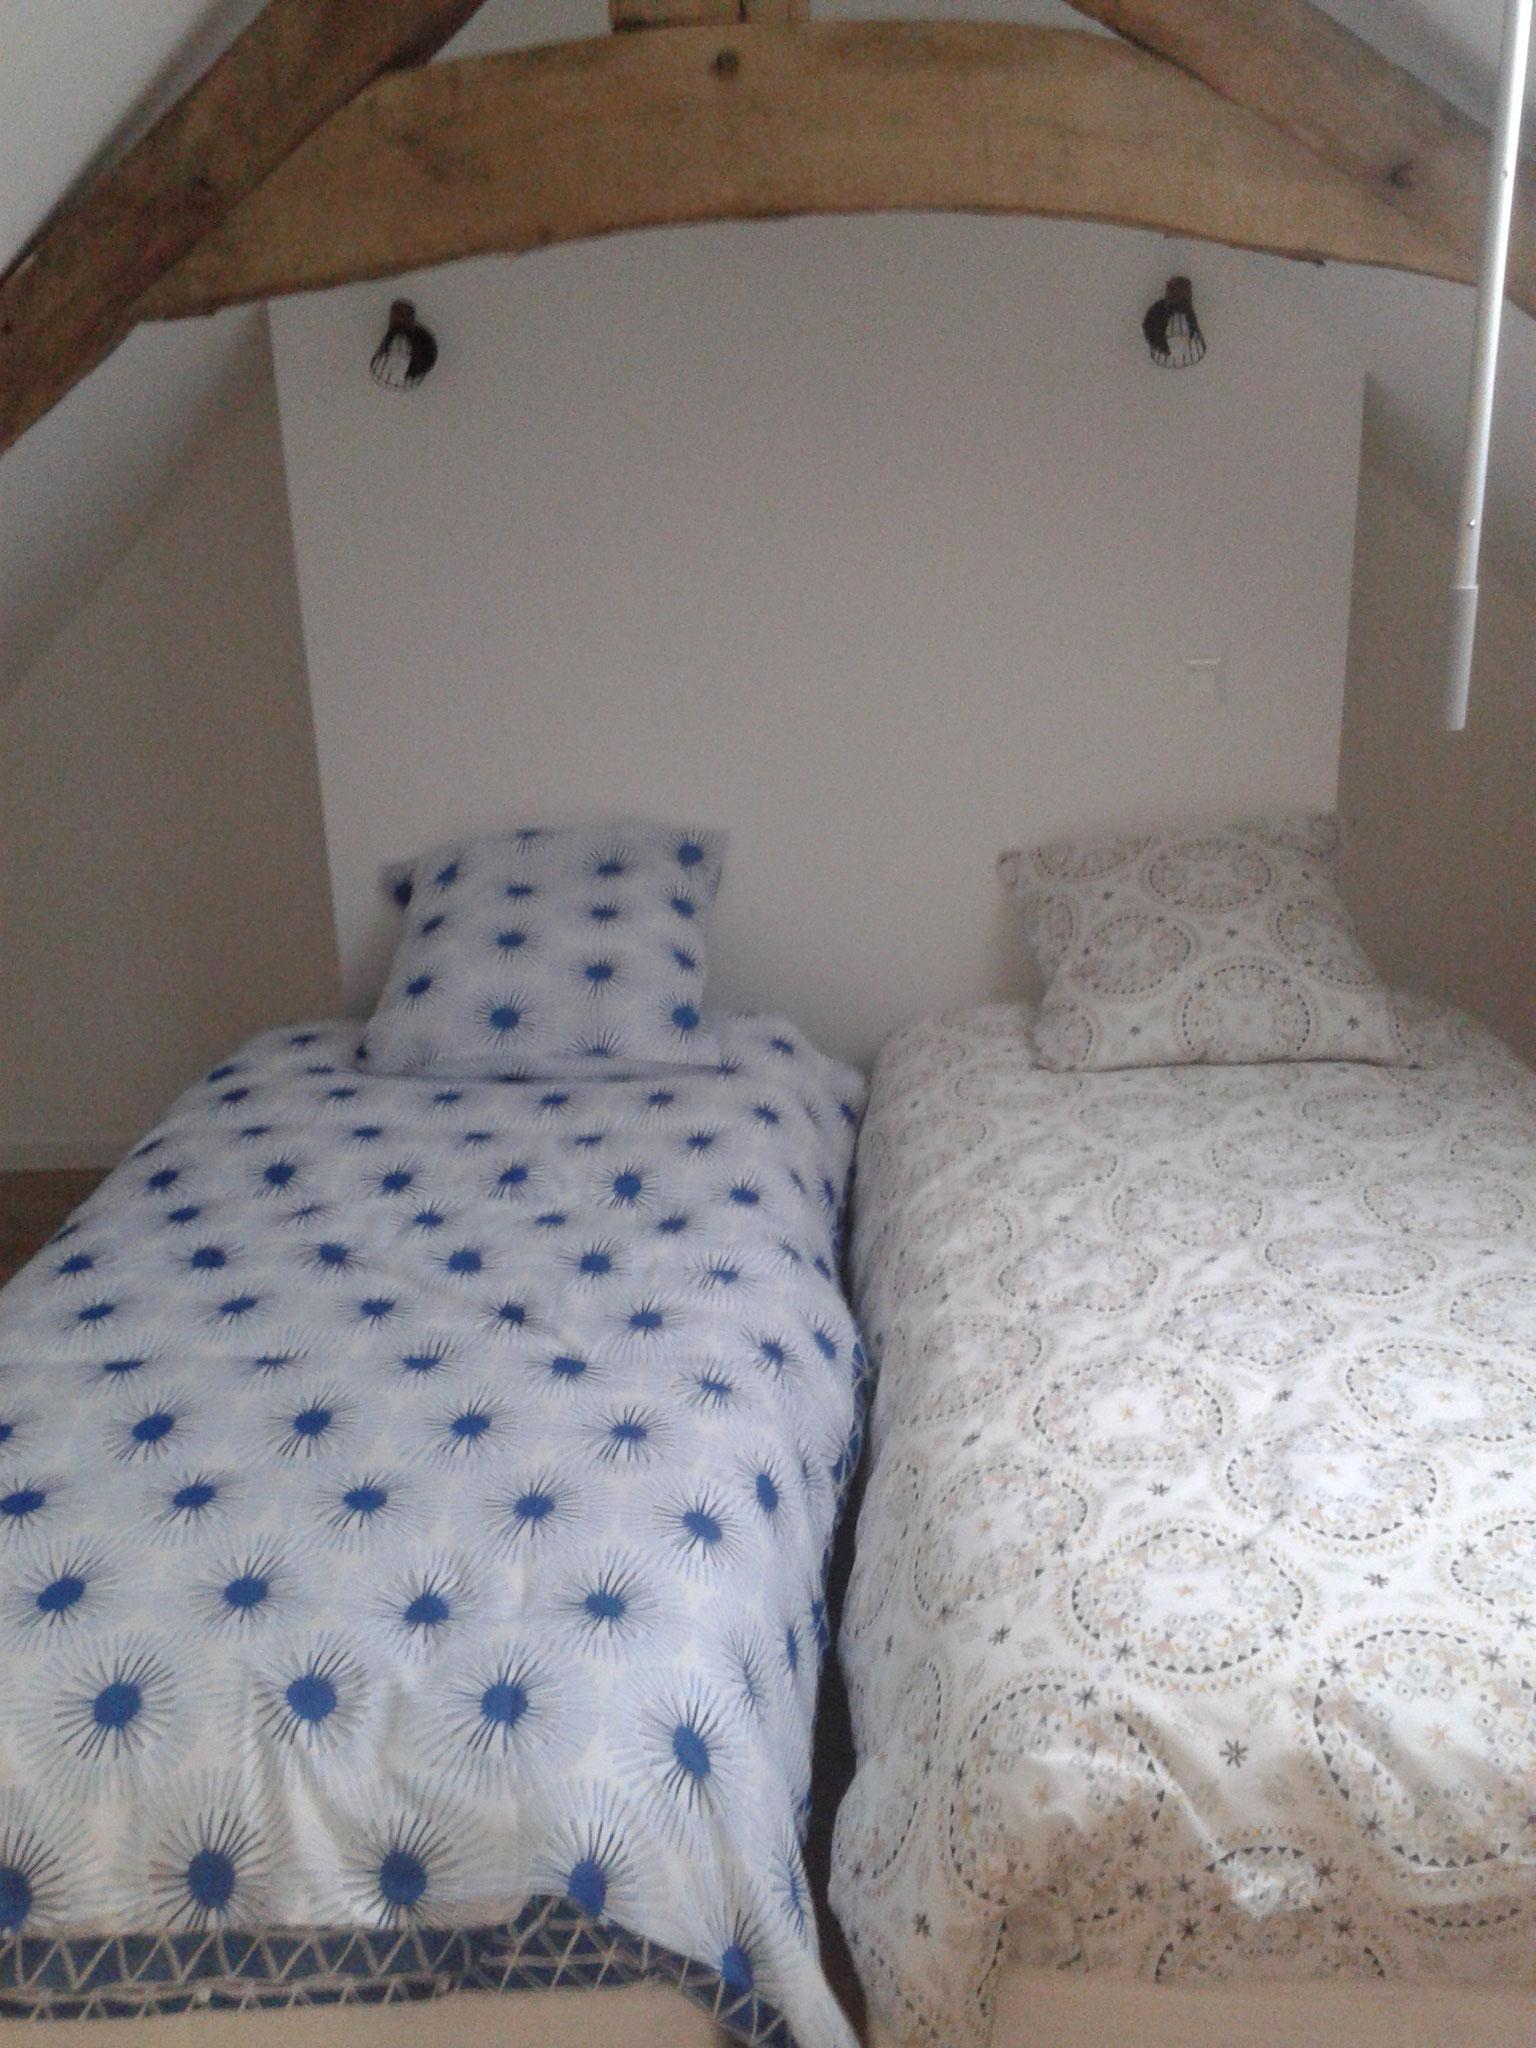 troisième chambre de deux personnes